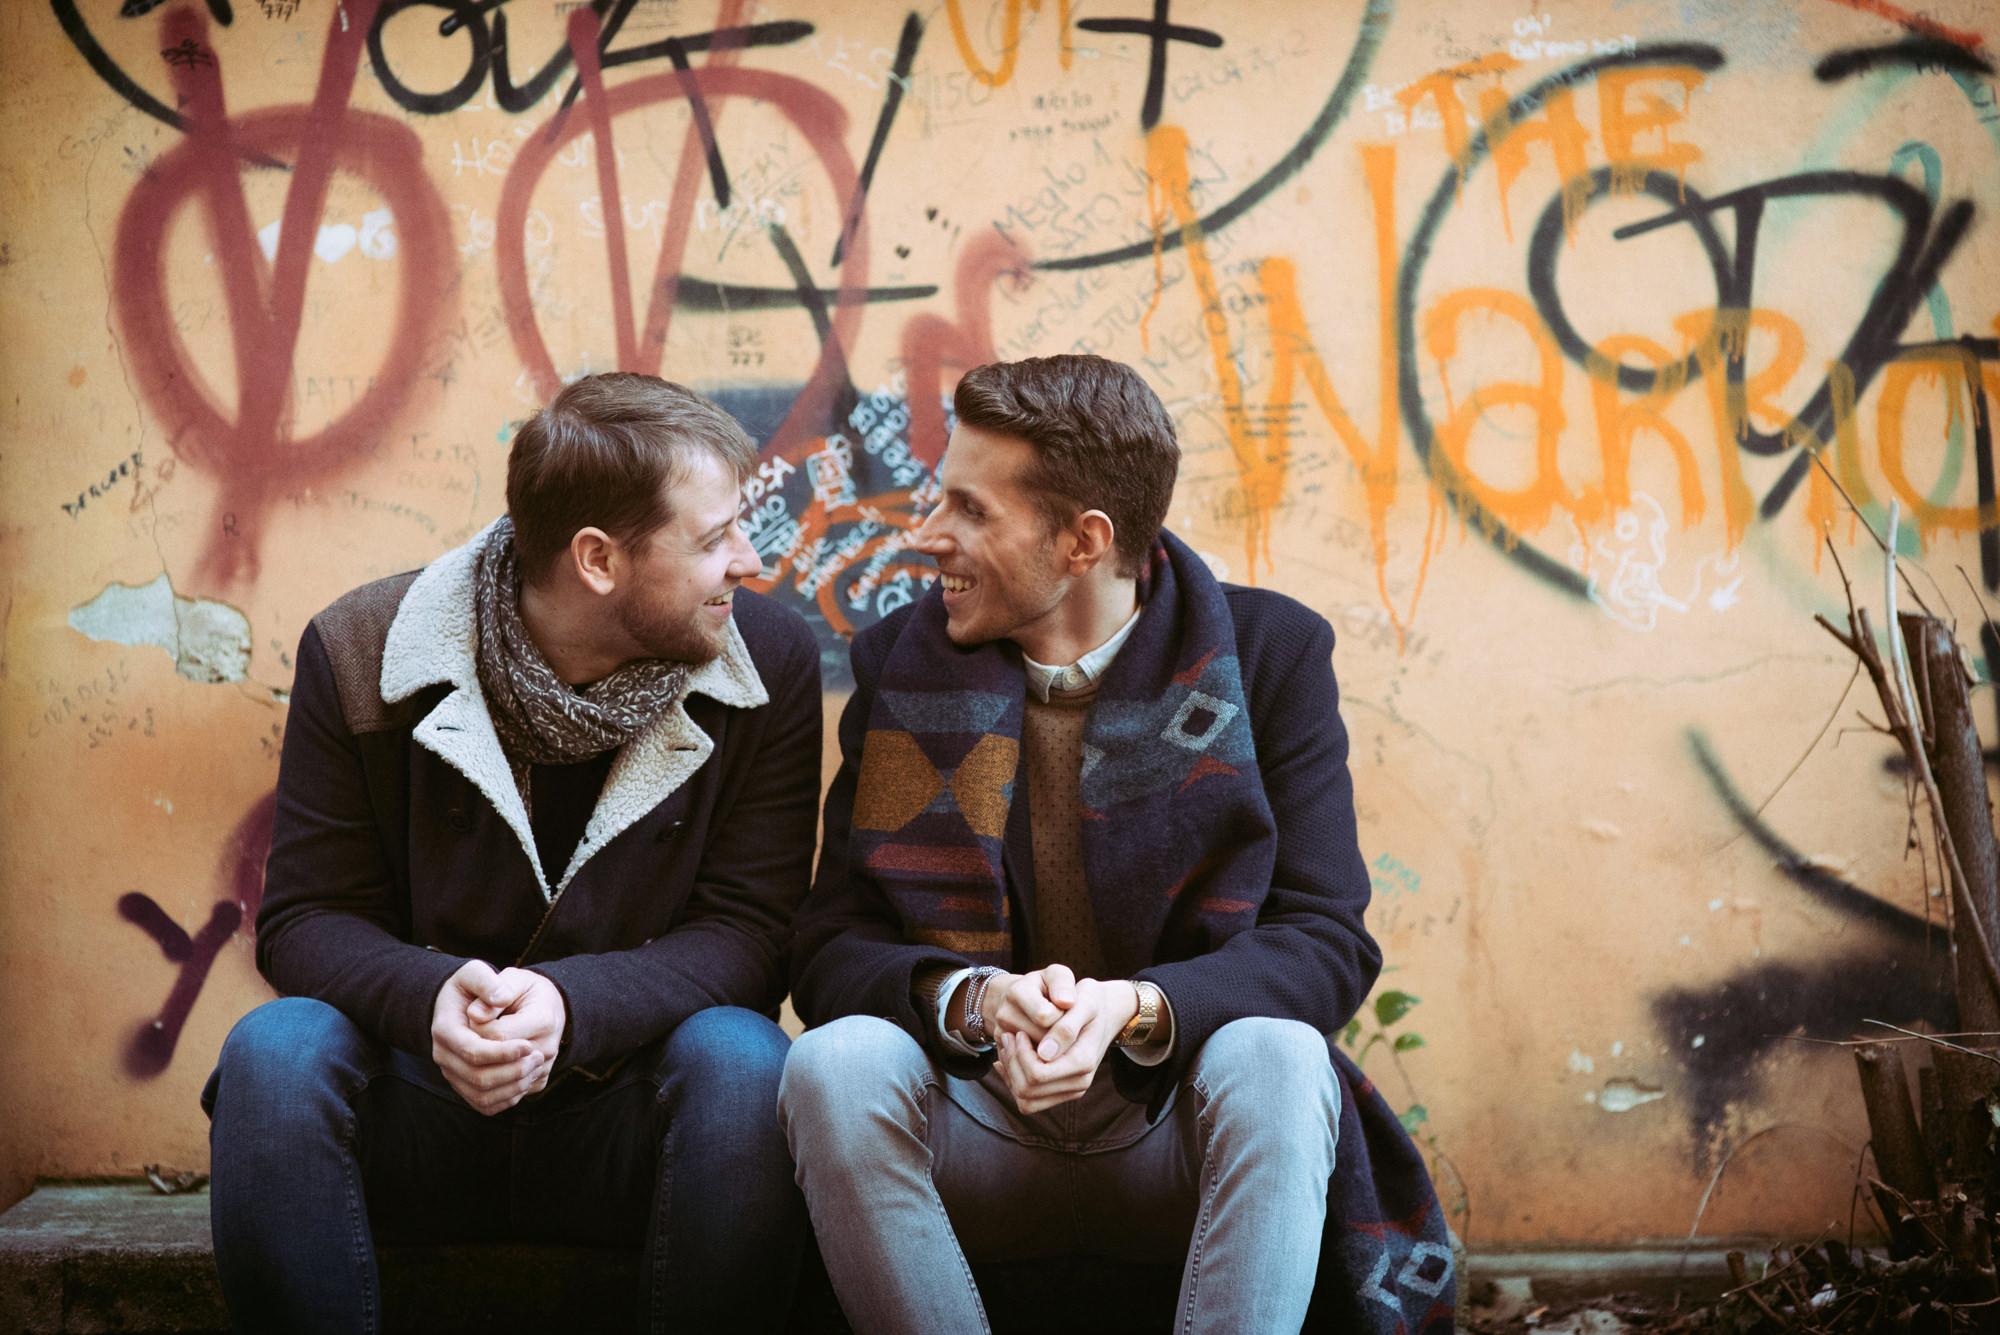 samesex couple photos italy 002 - Same-Sex Couple Photos Italy - Luca & Filippo